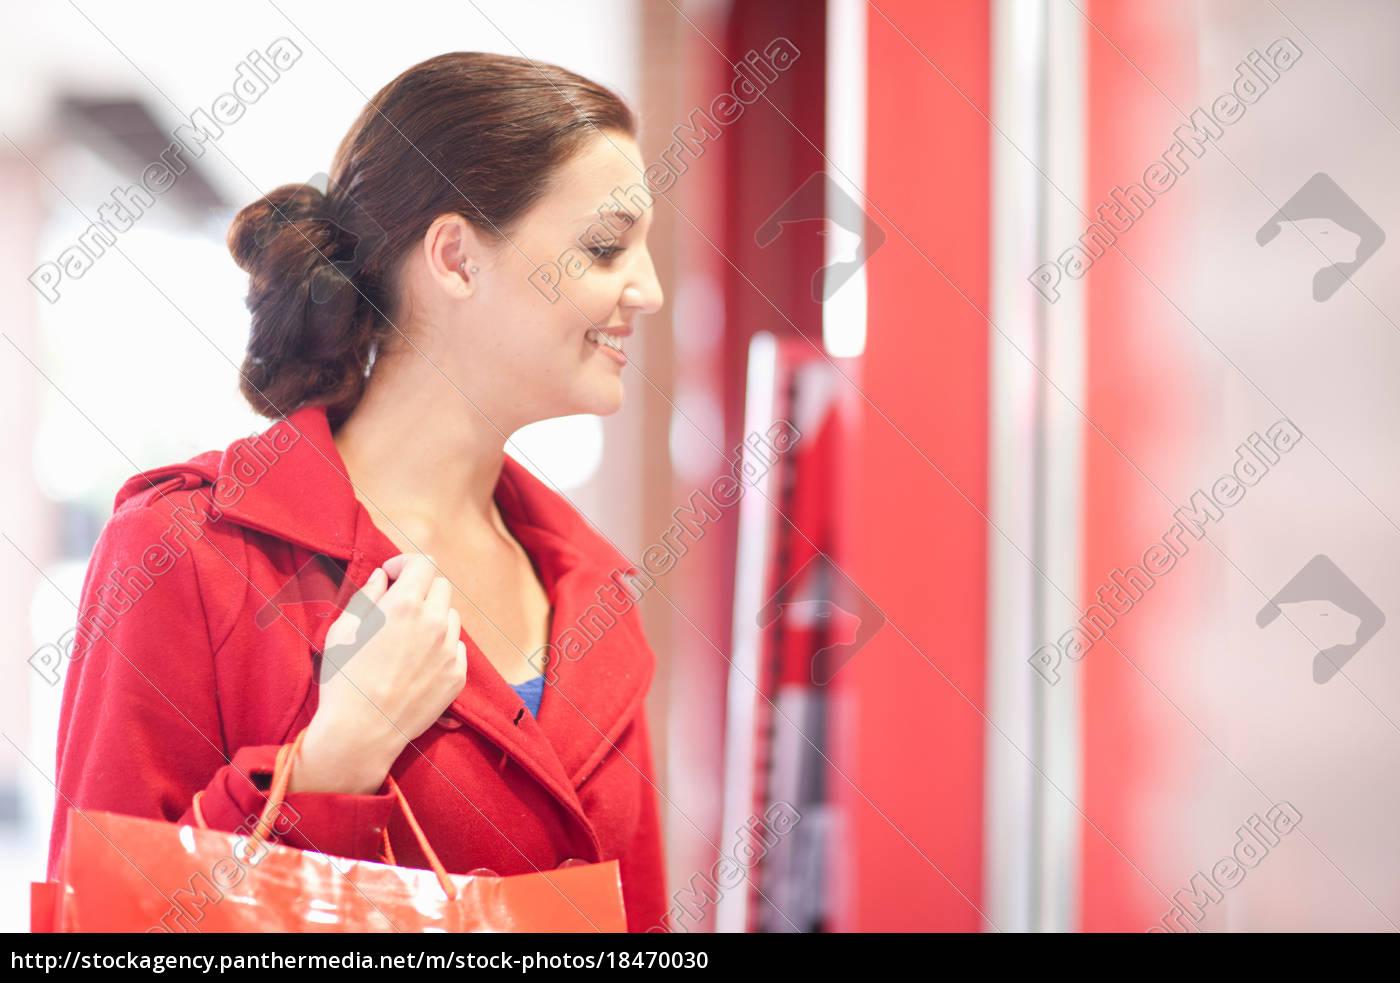 young, woman, window, shopping - 18470030